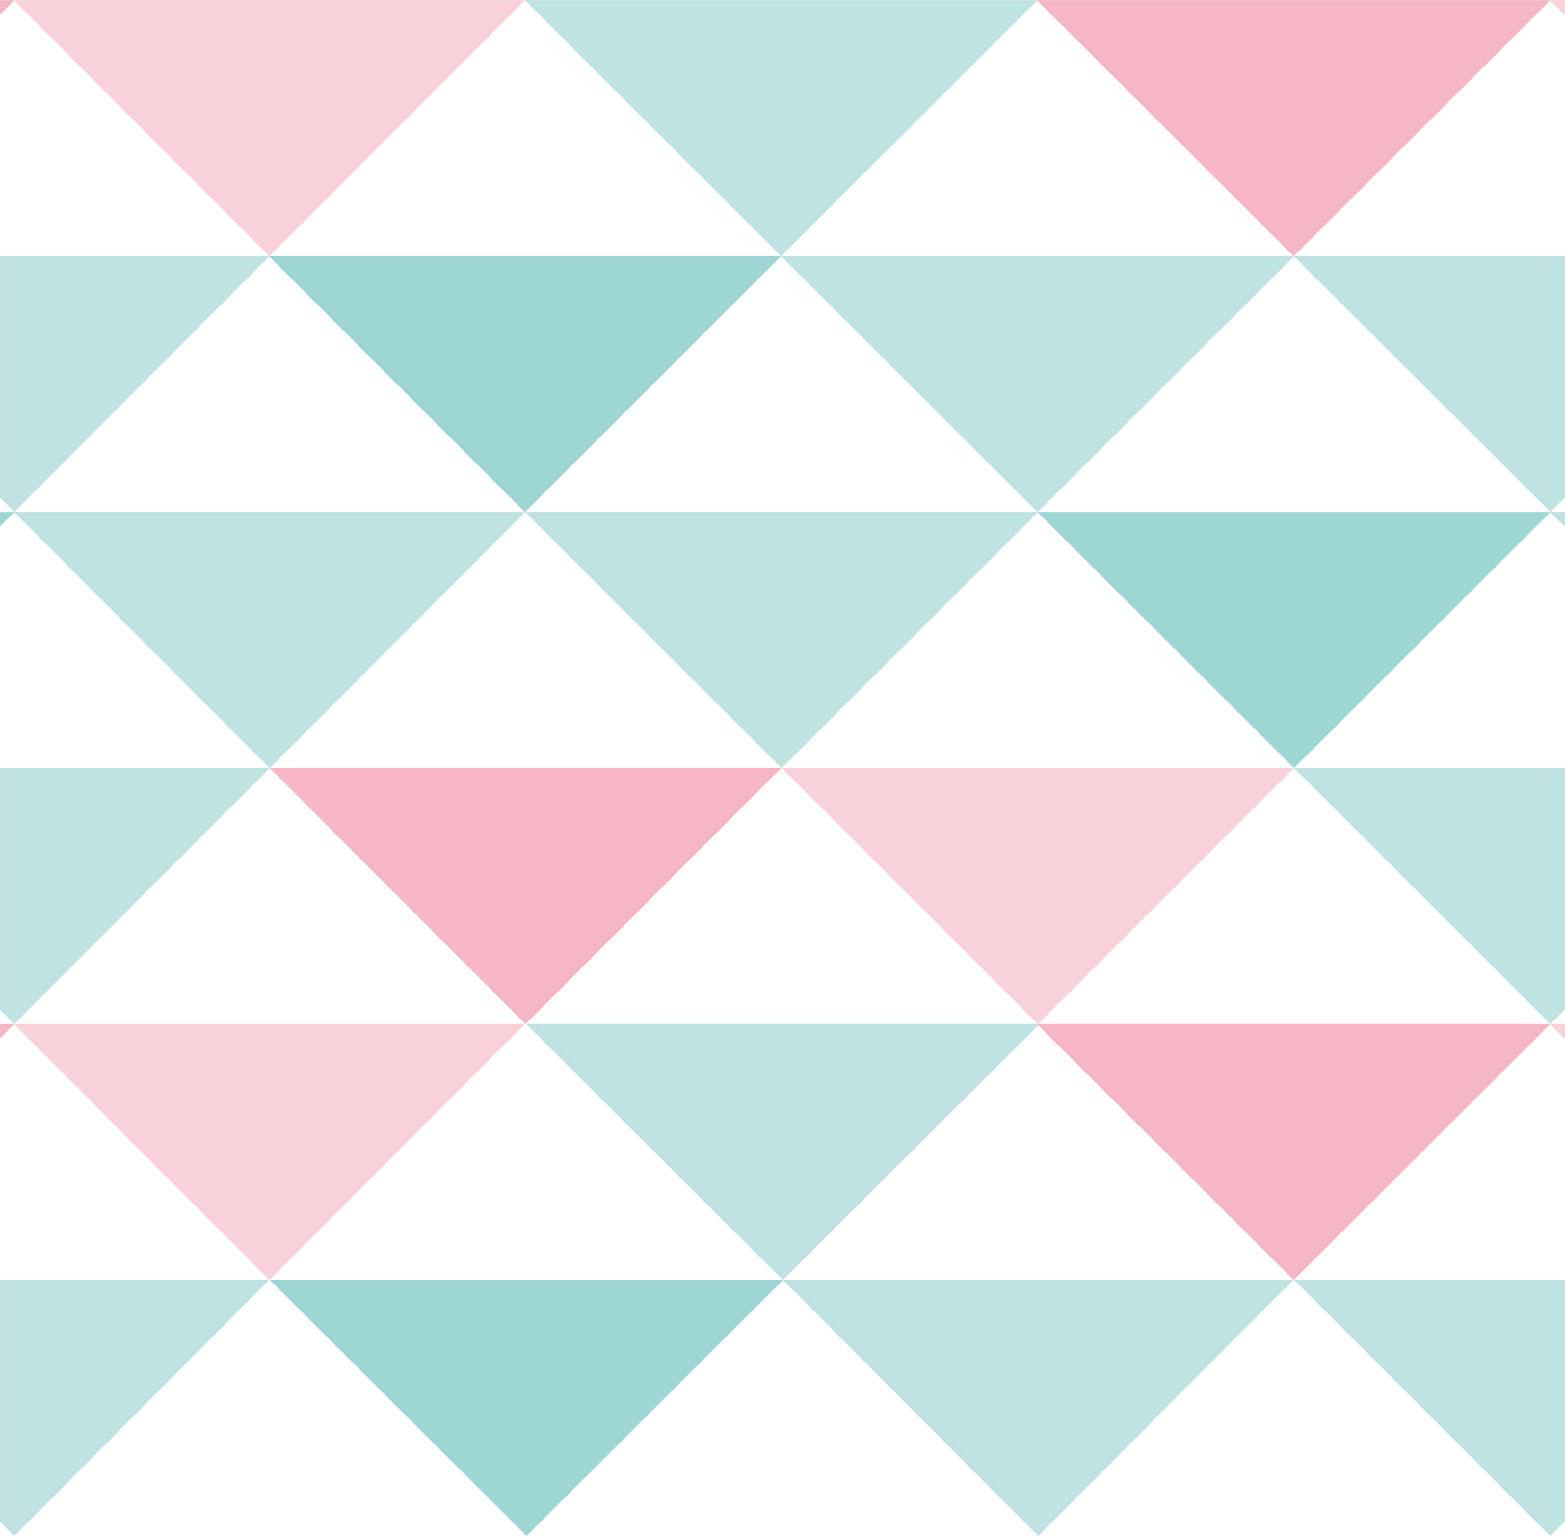 Papel de Parede Coleção Brincar Triângulo Geométrico 3600 - Rolo: 10m x 0,52m